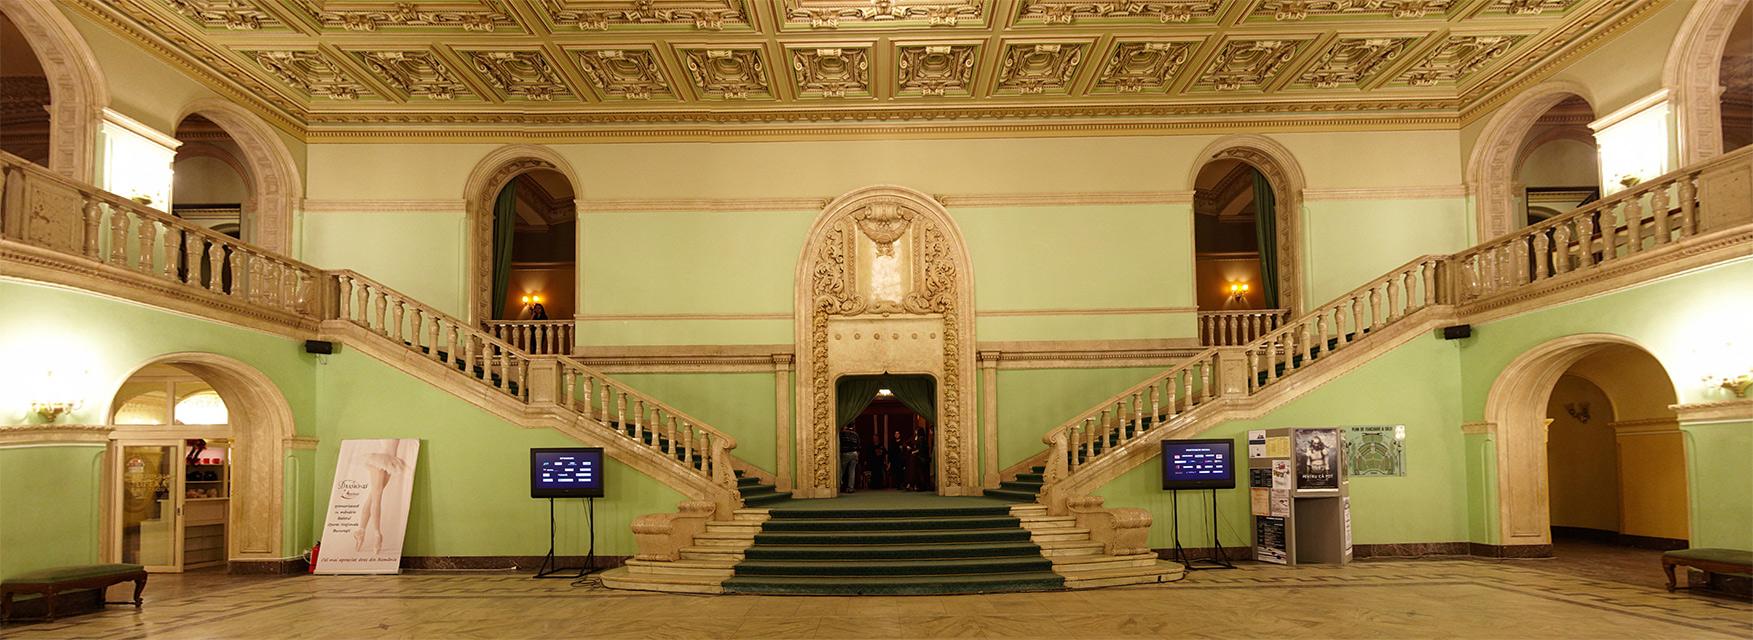 panorama de interior a Operei Romane